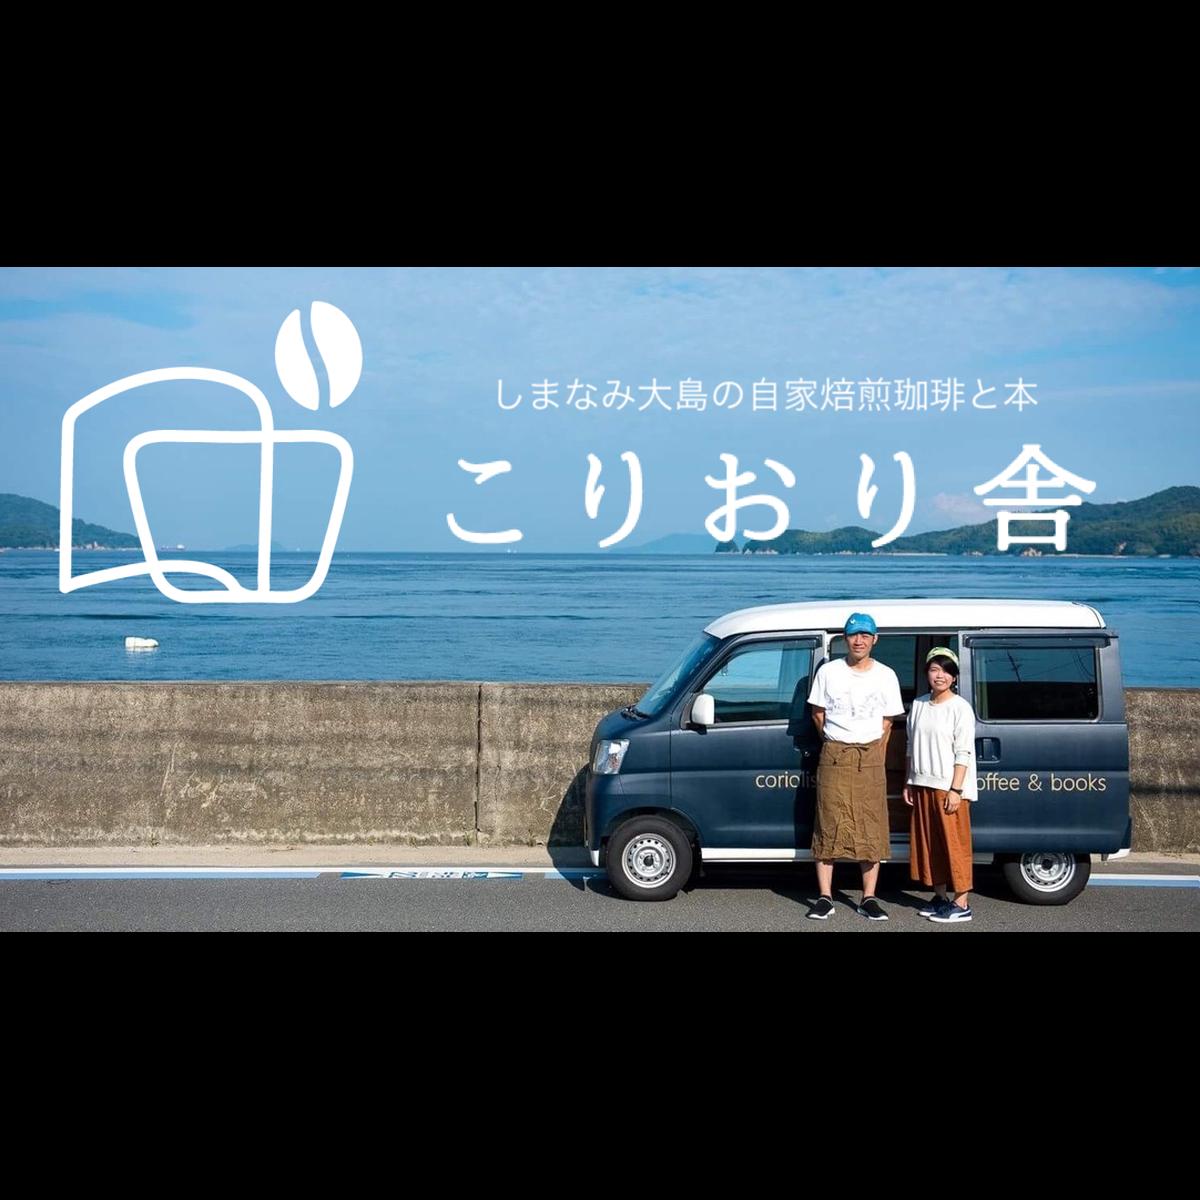 こりおり舎 powered by BASE